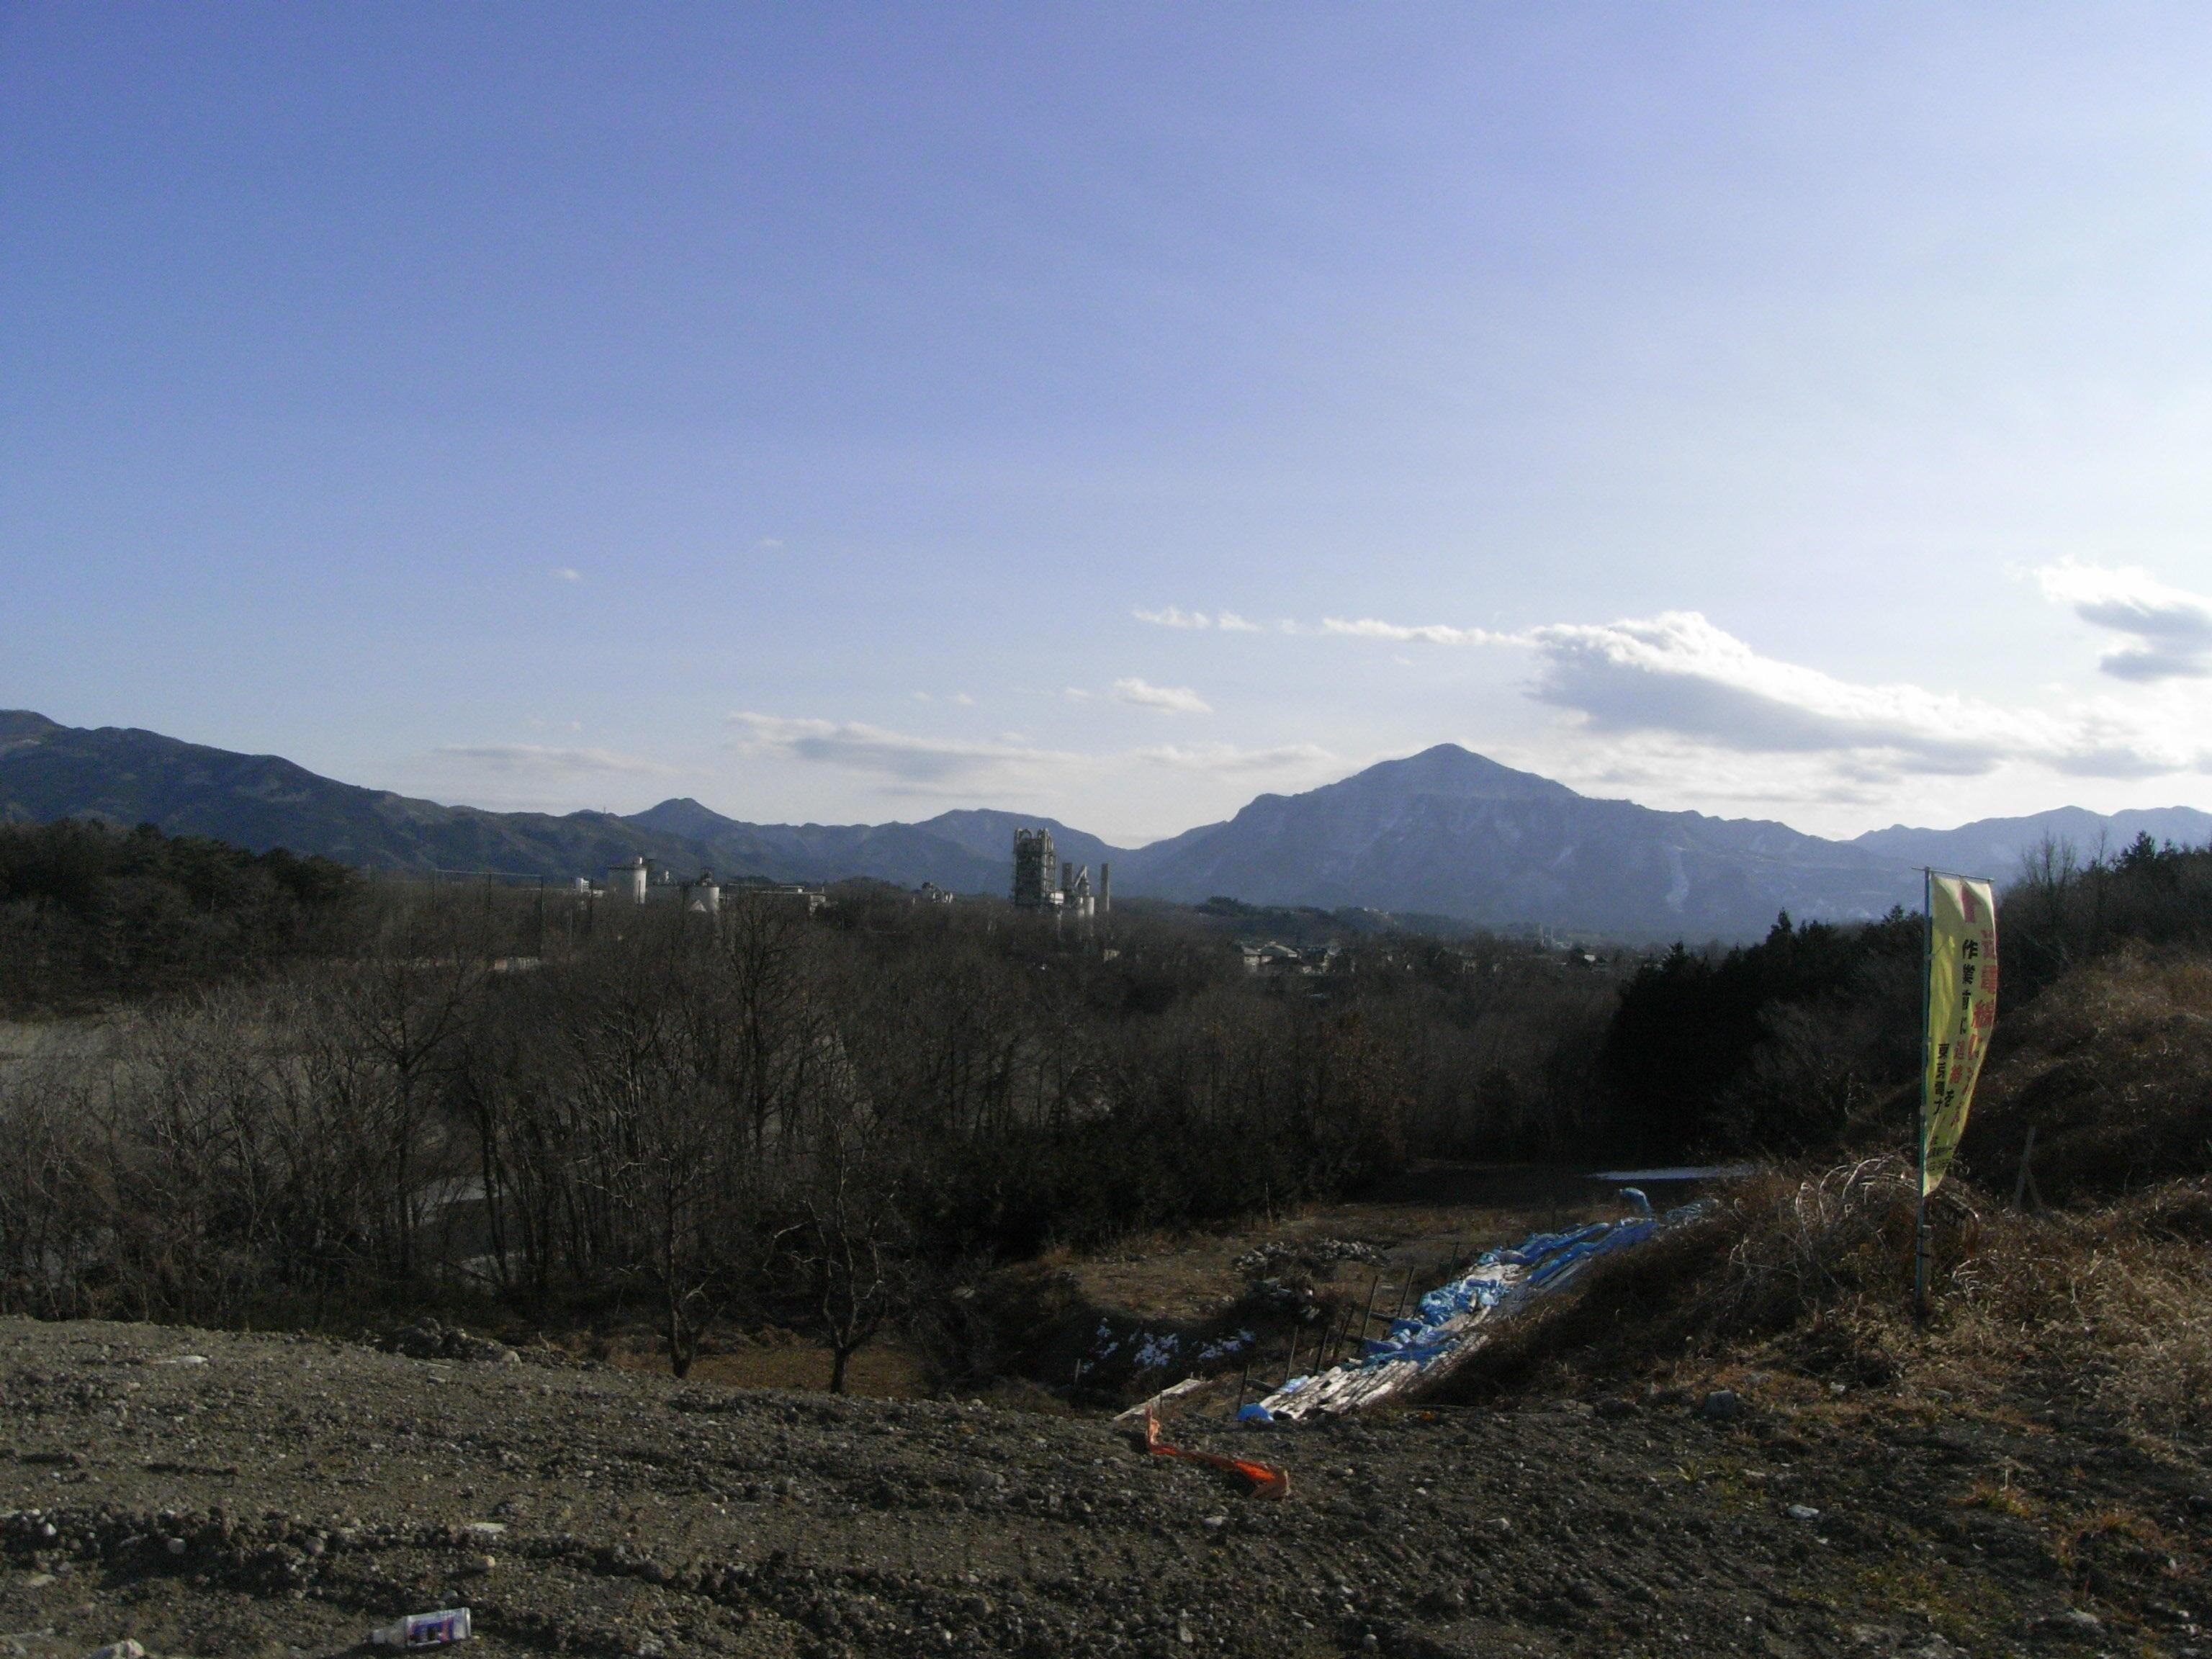 武甲山と太平洋セメントの街